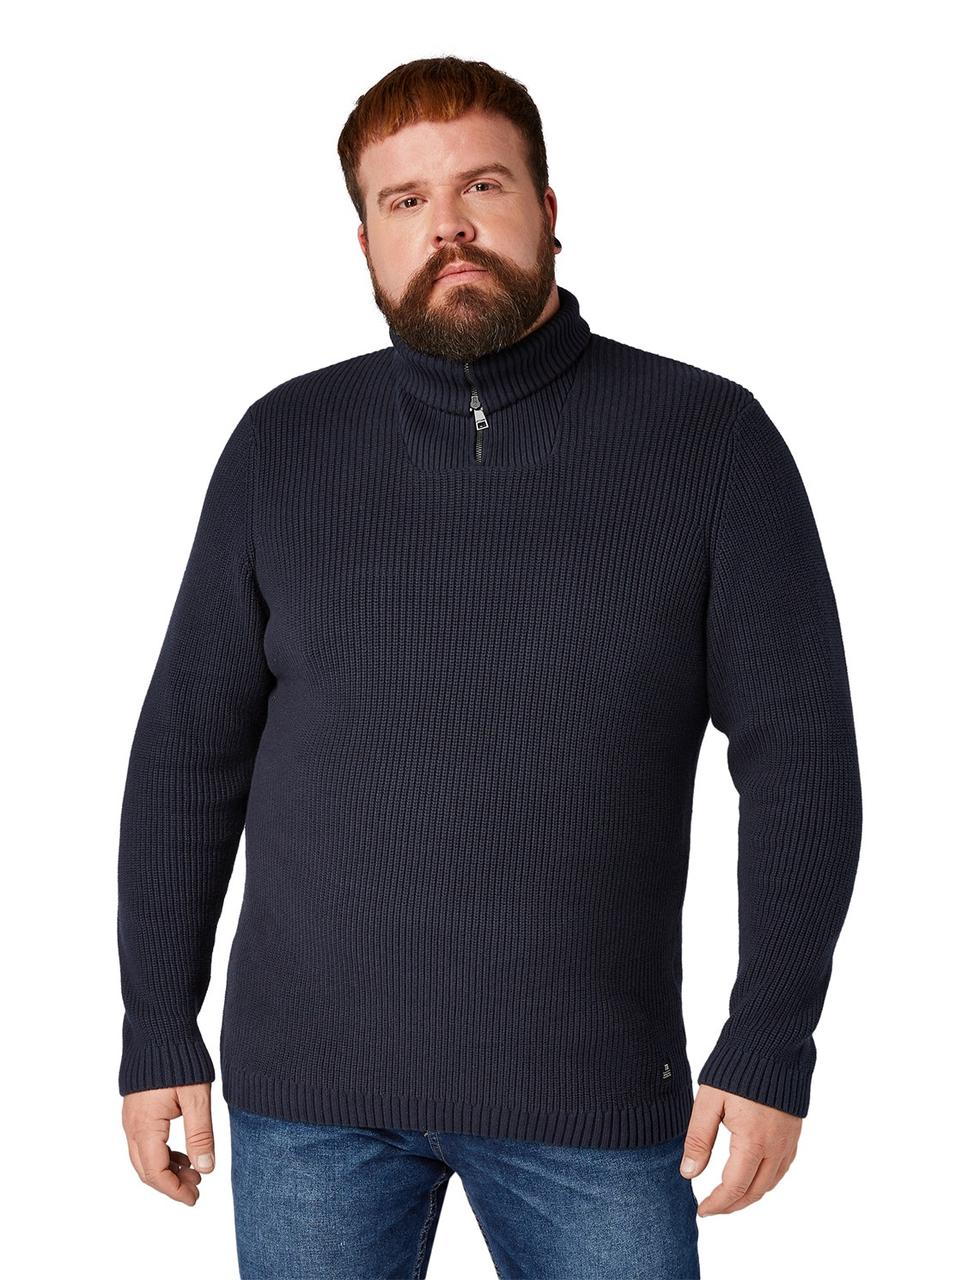 Свитер Tom Tailor 1008484 3XL Темно-синий